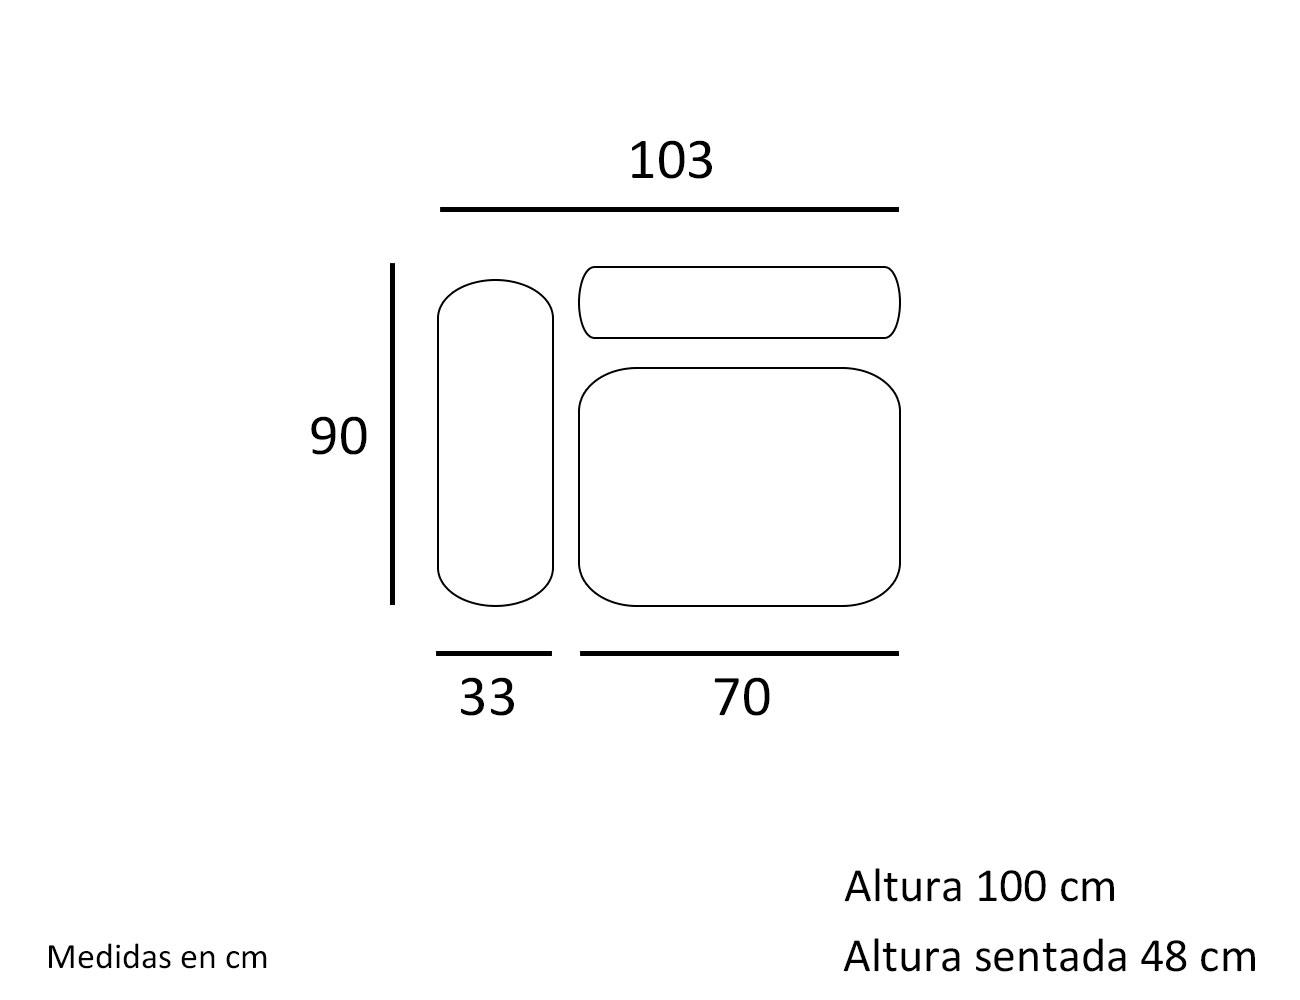 Croquis modulo 1 plaza con 1 brazo 1031